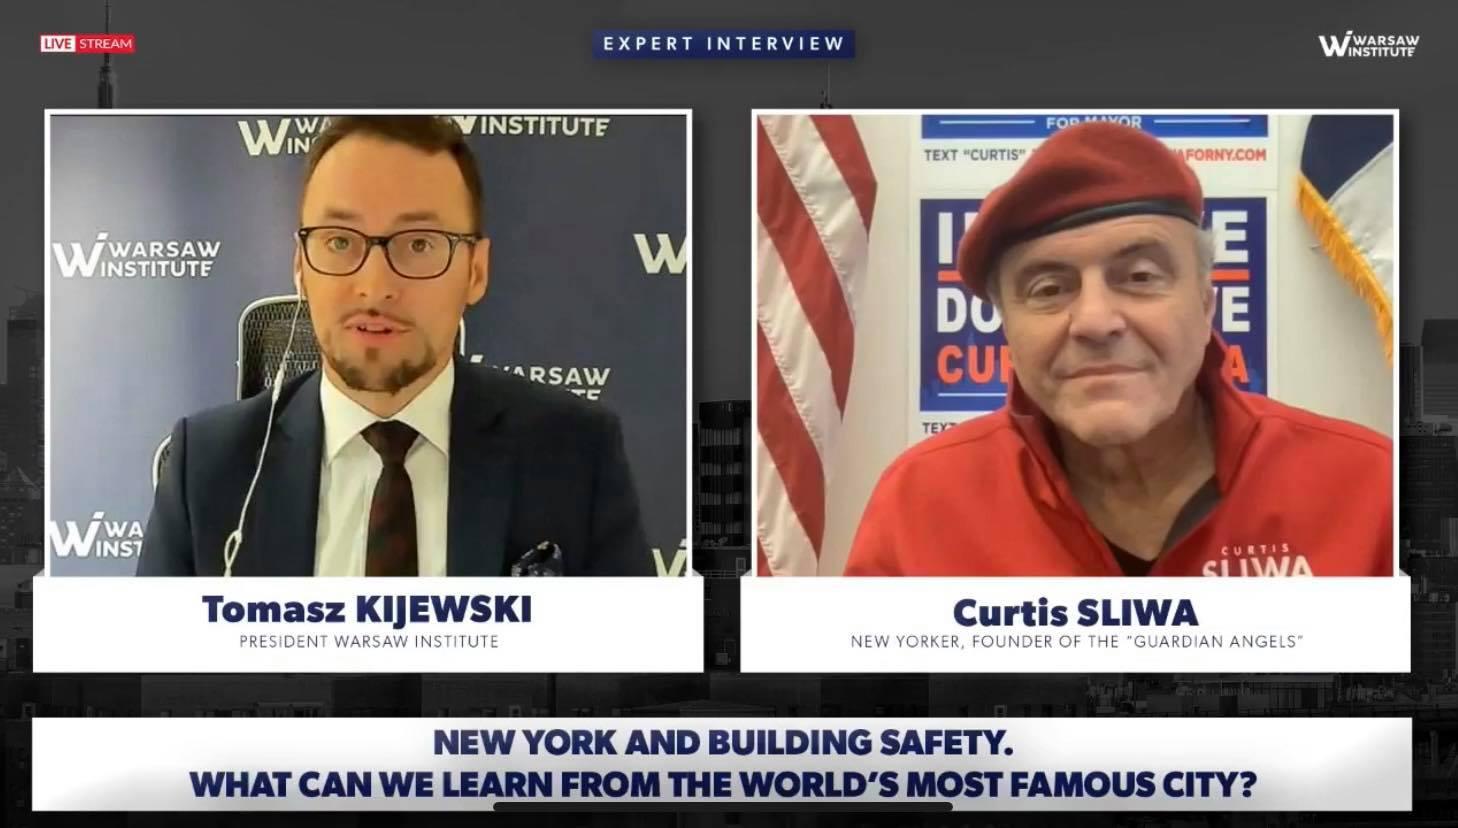 Nowy Jork i budowa bezpieczeństwa. Czego możemy się nauczyć od najsłynniejszego miasta świata?